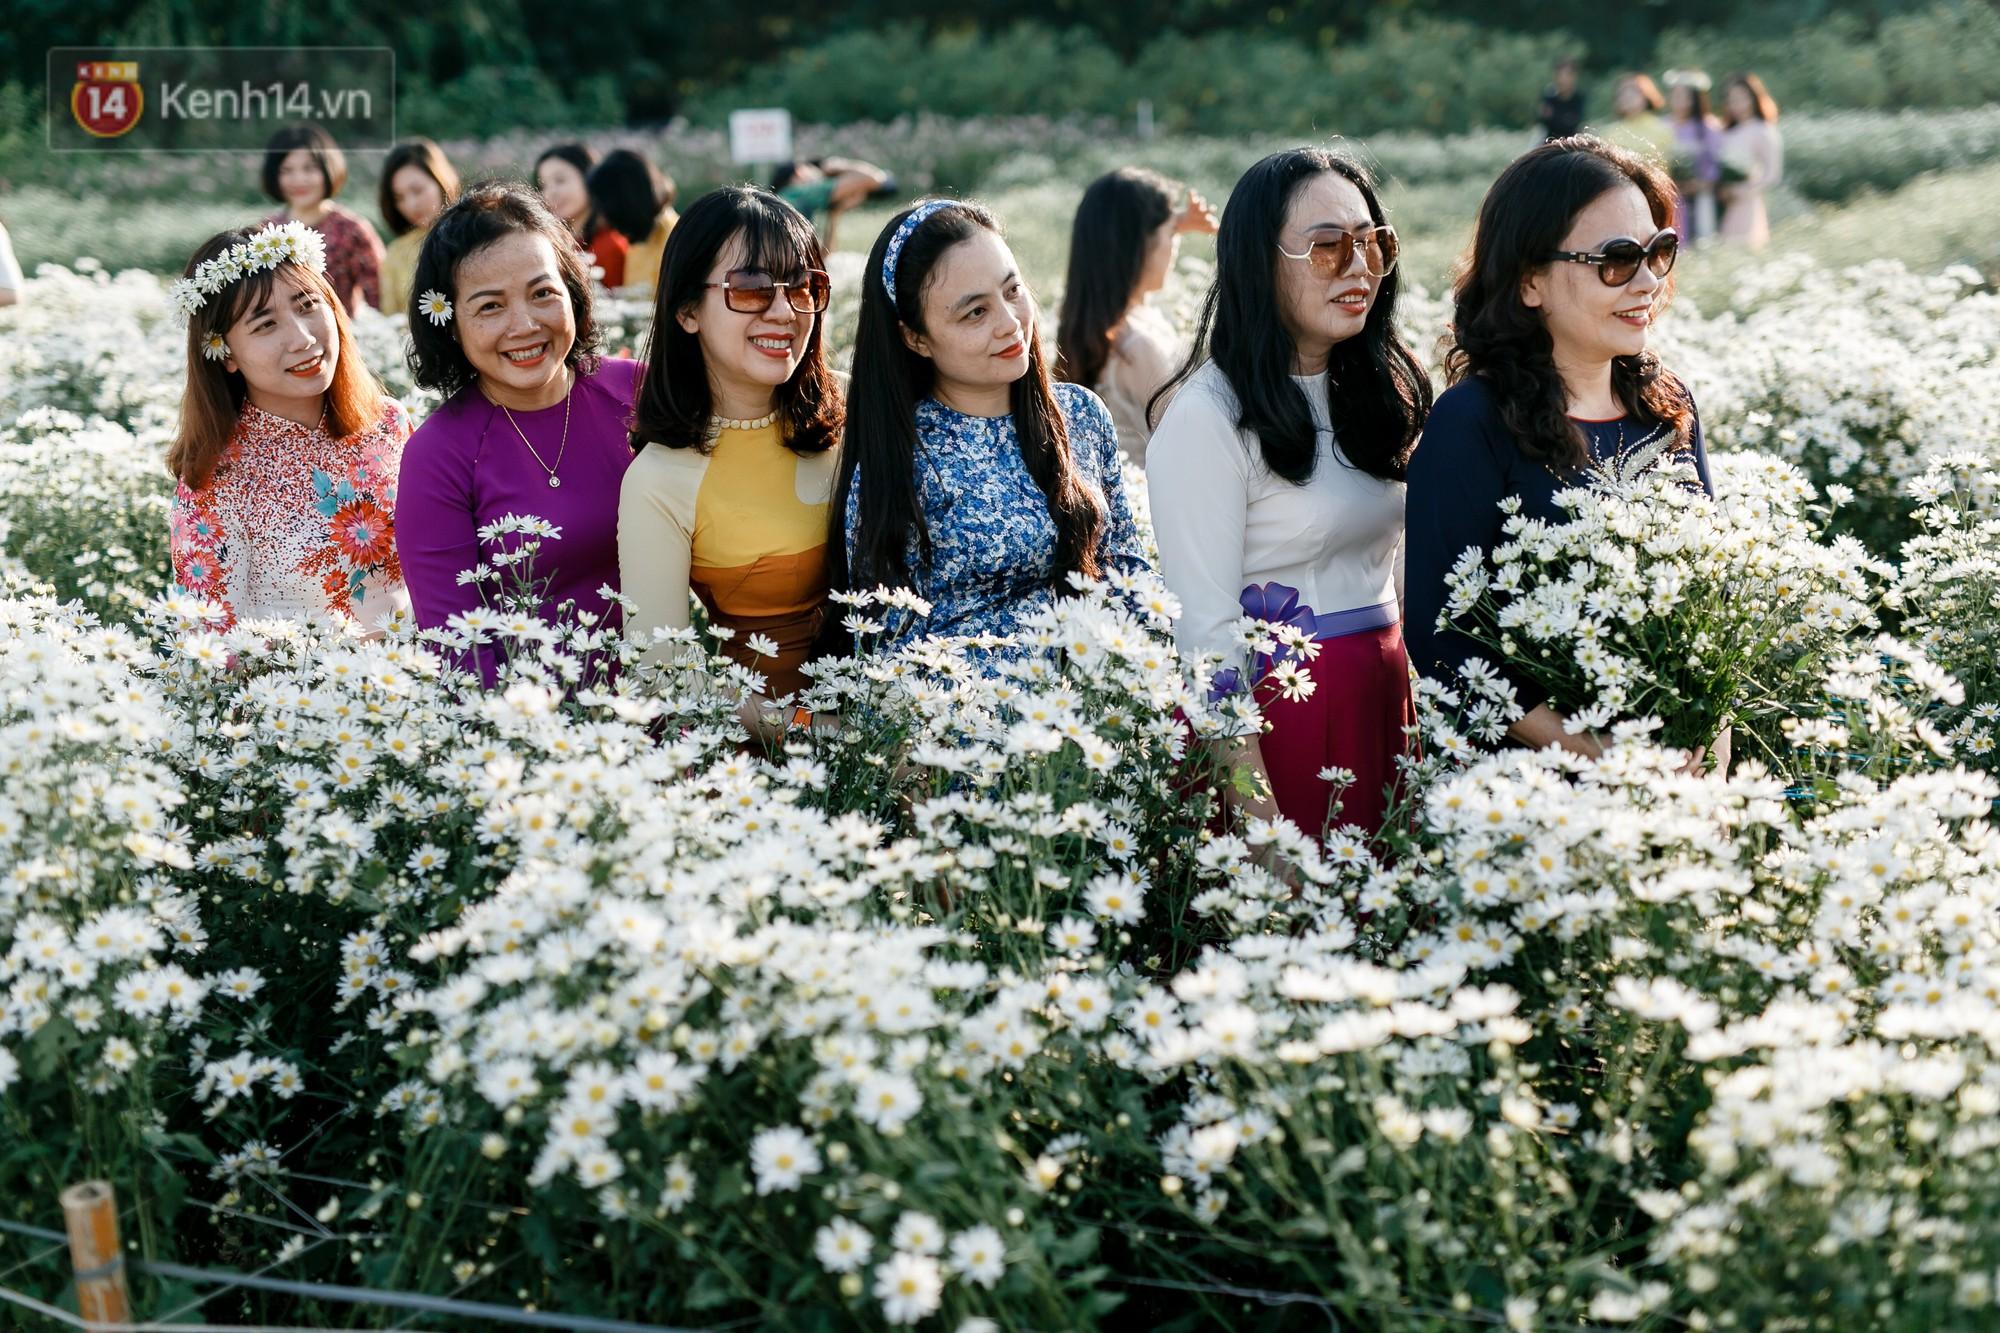 Vườn cúc hoạ mi ở Hà Nội 'thất thủ' cuối tuần: 1 mét vuông có chục nhiếp ảnh gia và mẫu 5